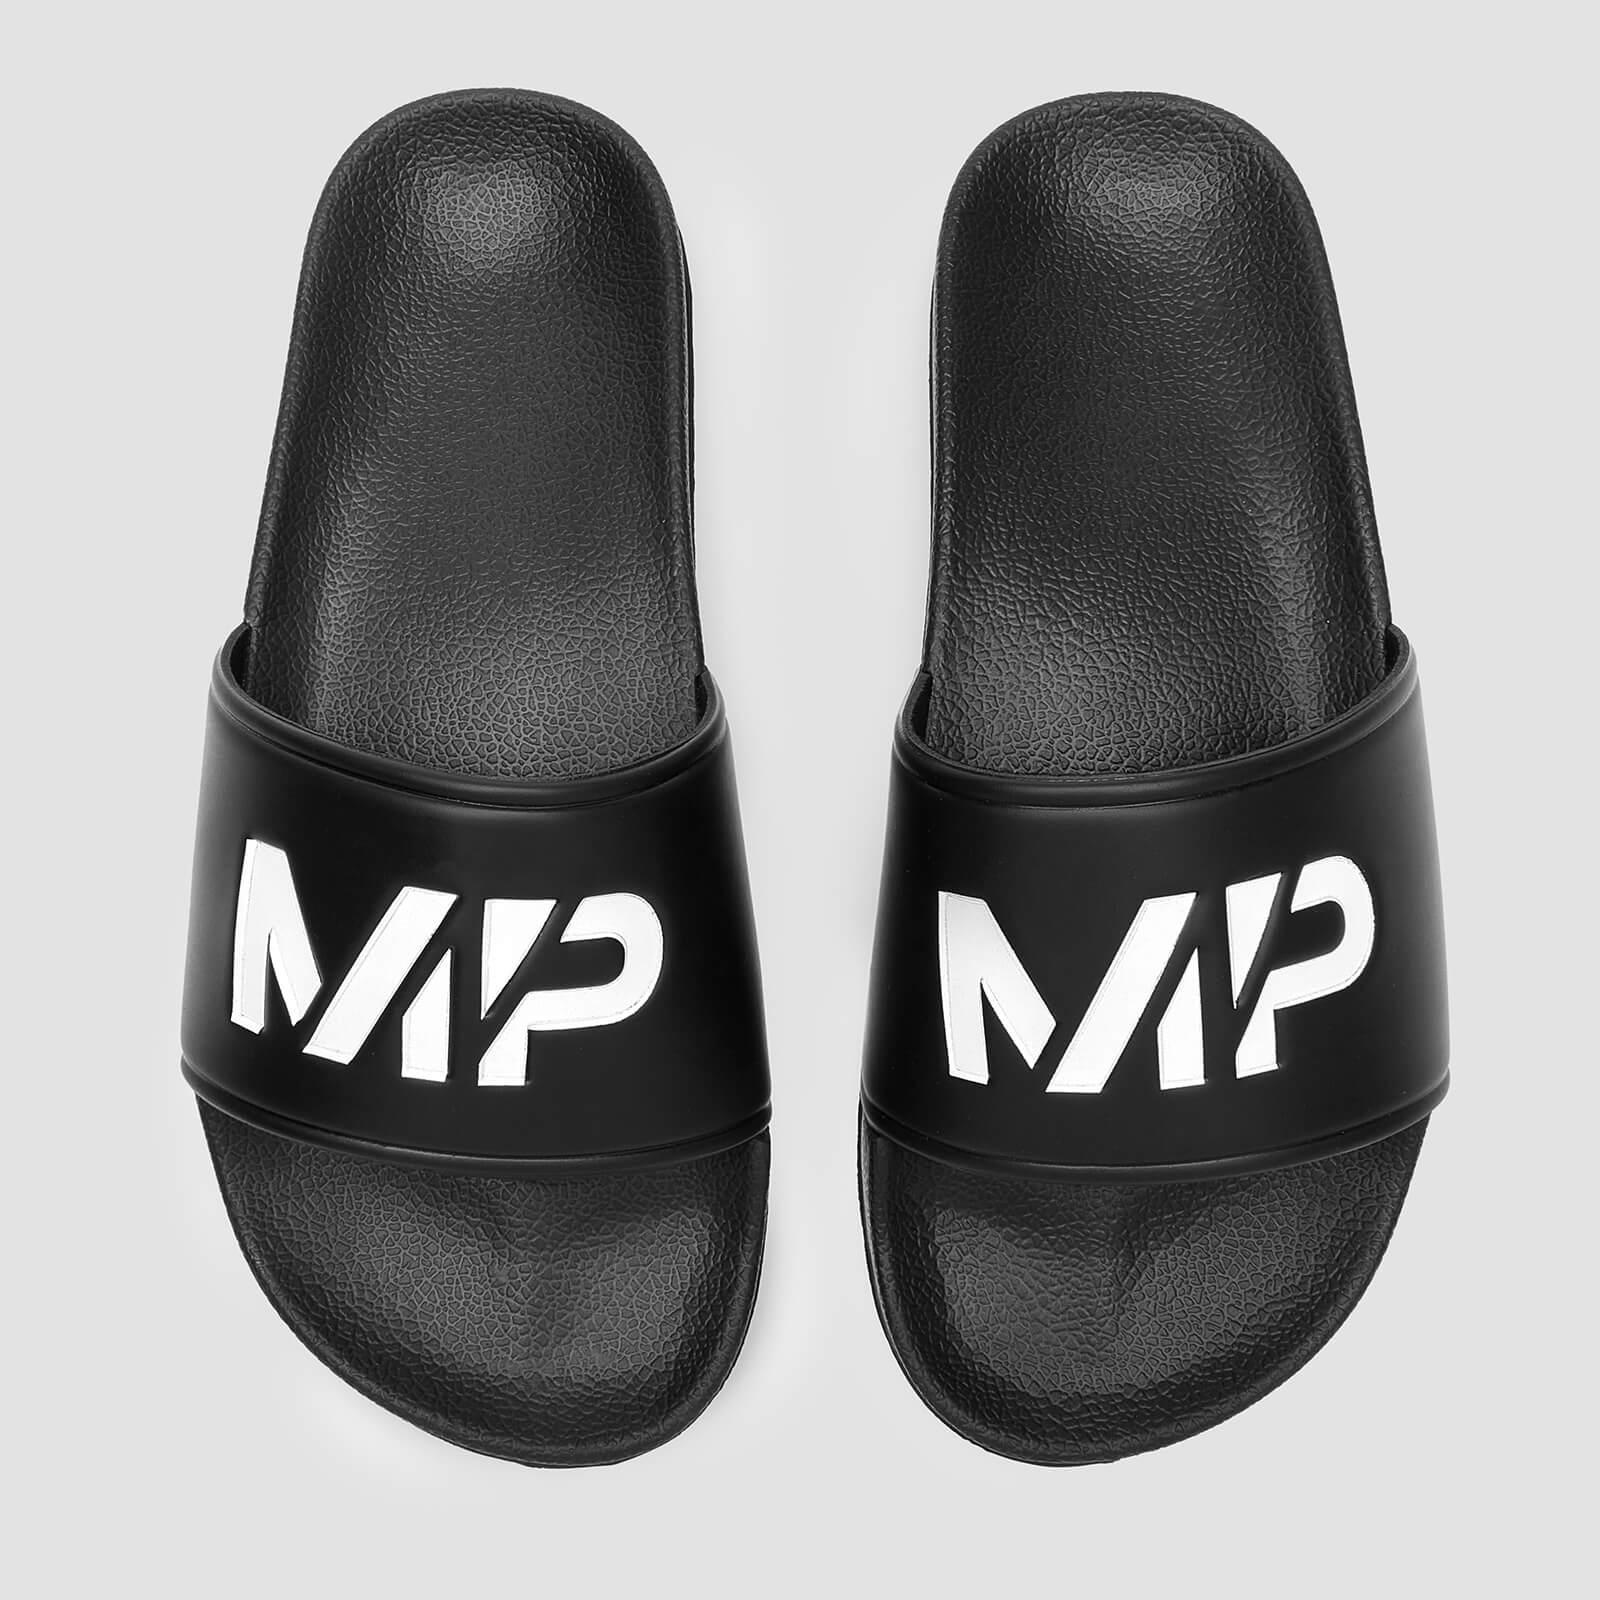 MP Men's Sliders - Black/White - UK 6